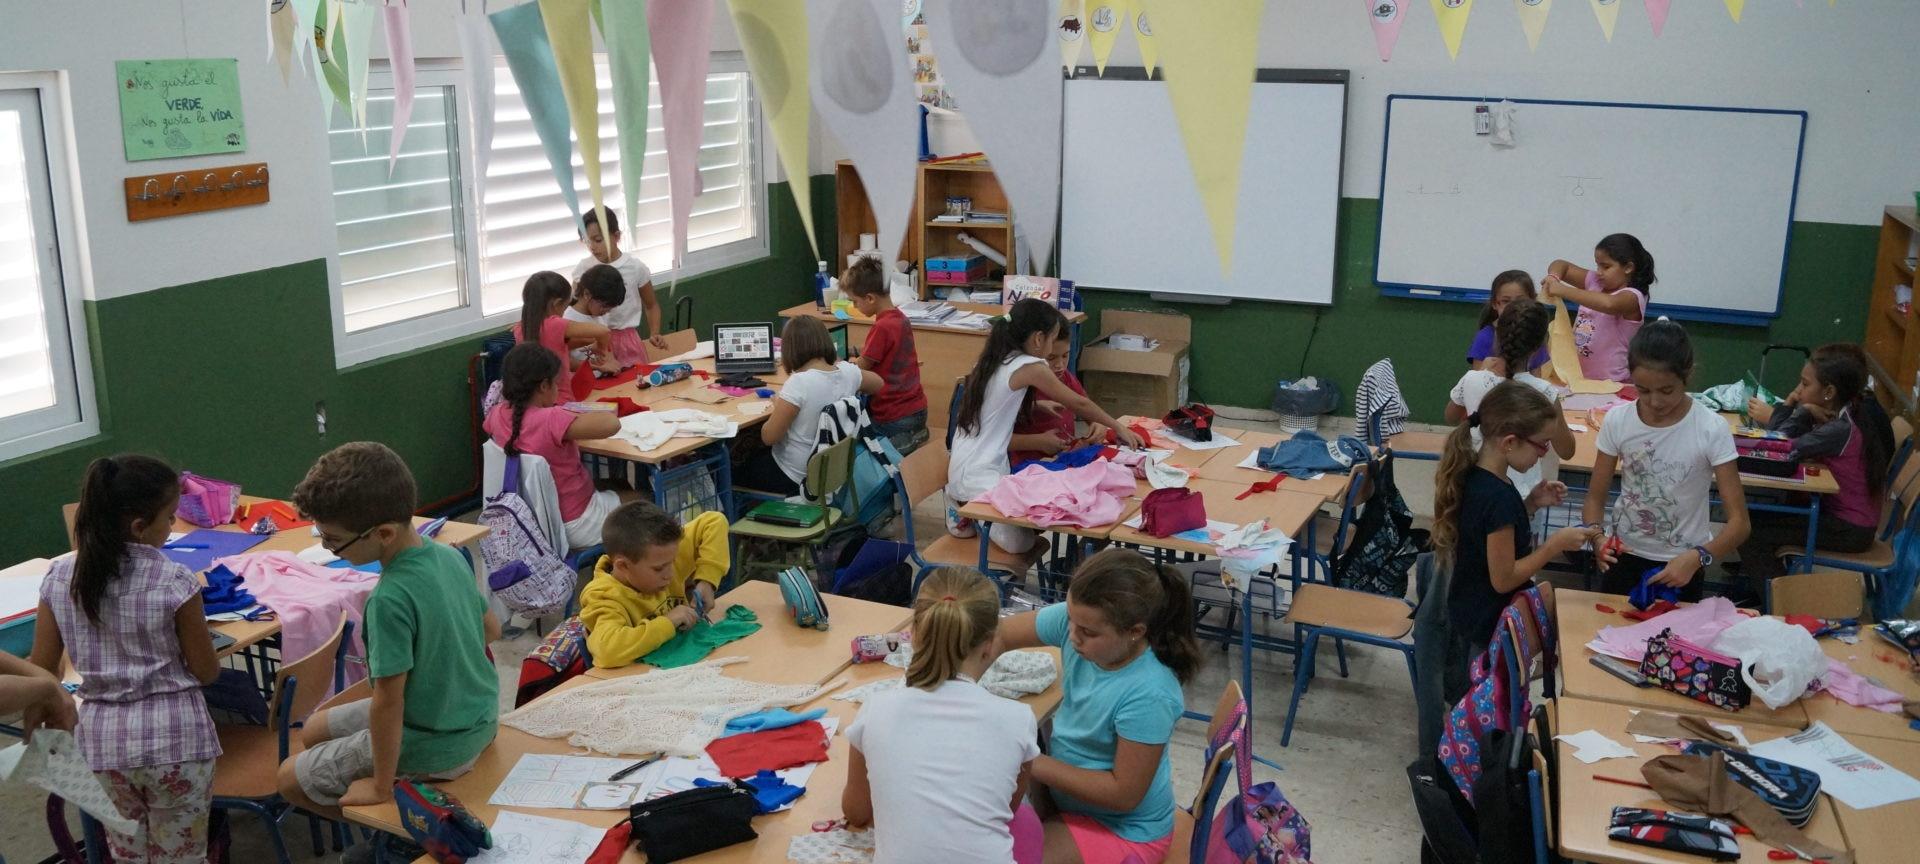 recurso, educación, aula, clase, niños, alumnos, jóvenes, premio acción magistral